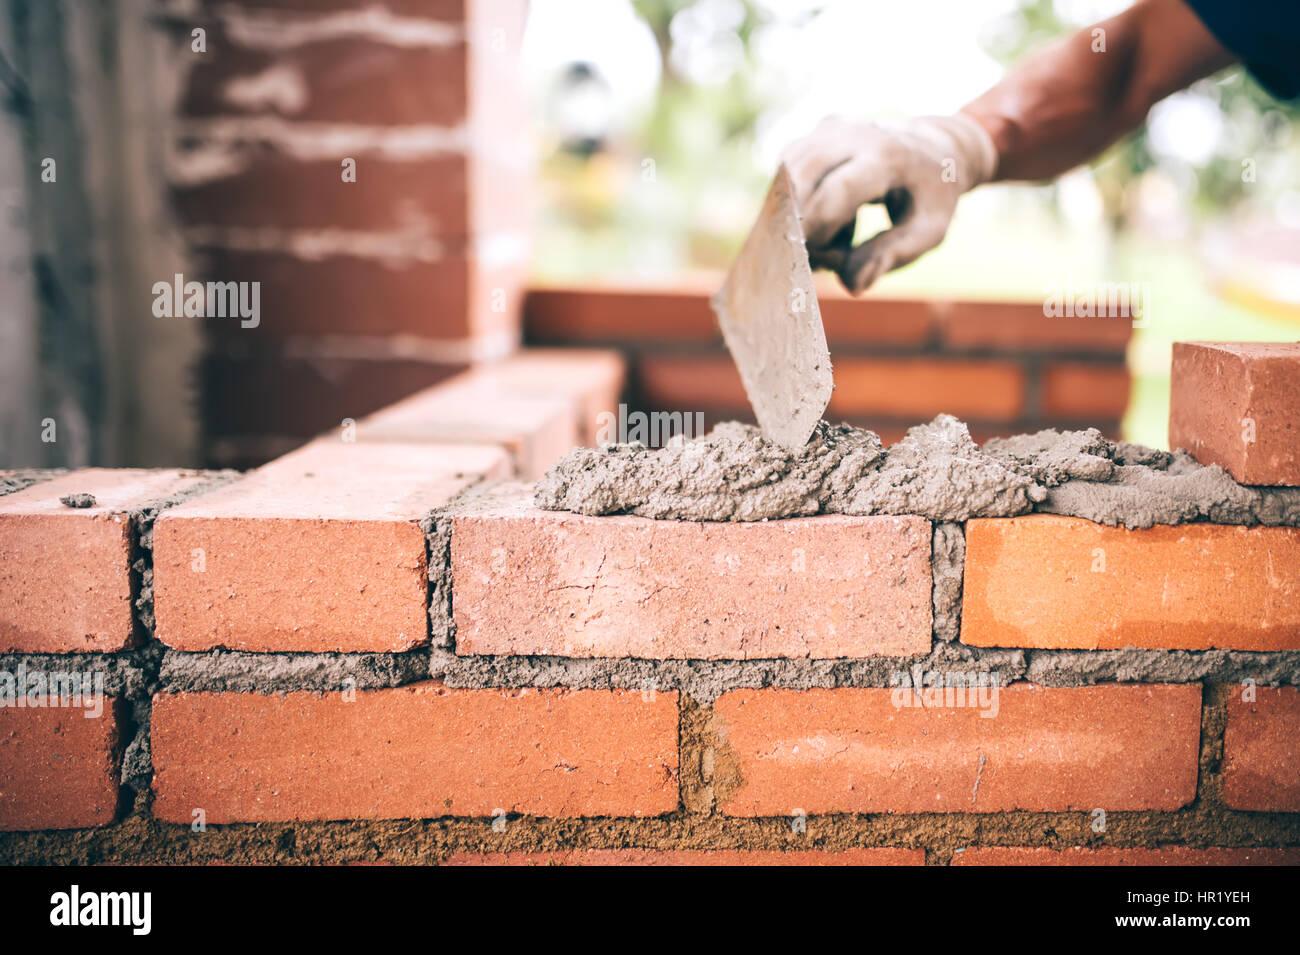 industrielle bauarbeiter maurer mauern bauen mit ziegel, mörtel und